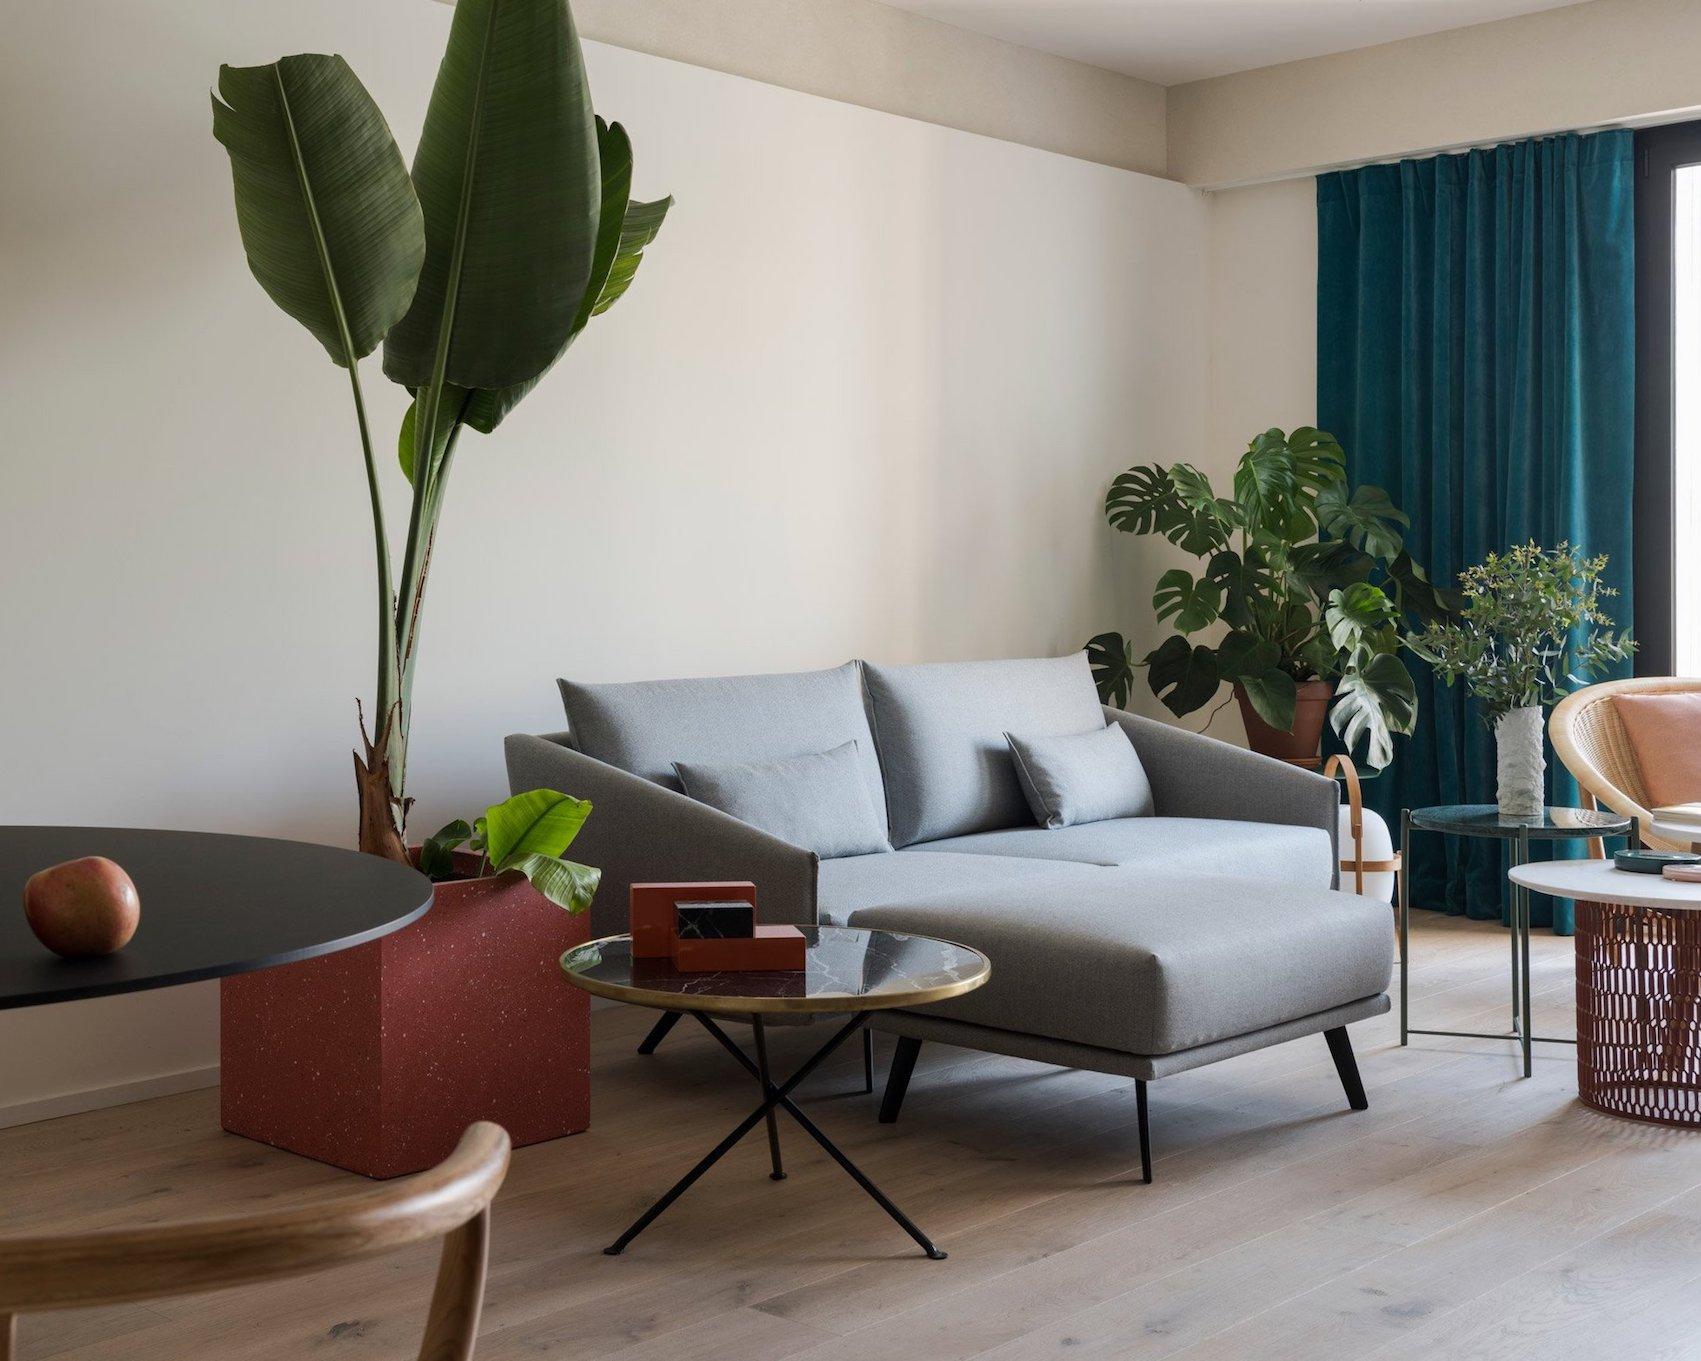 l 39 am nagement d co design d 39 un petit appartement le blog d co de mlc. Black Bedroom Furniture Sets. Home Design Ideas